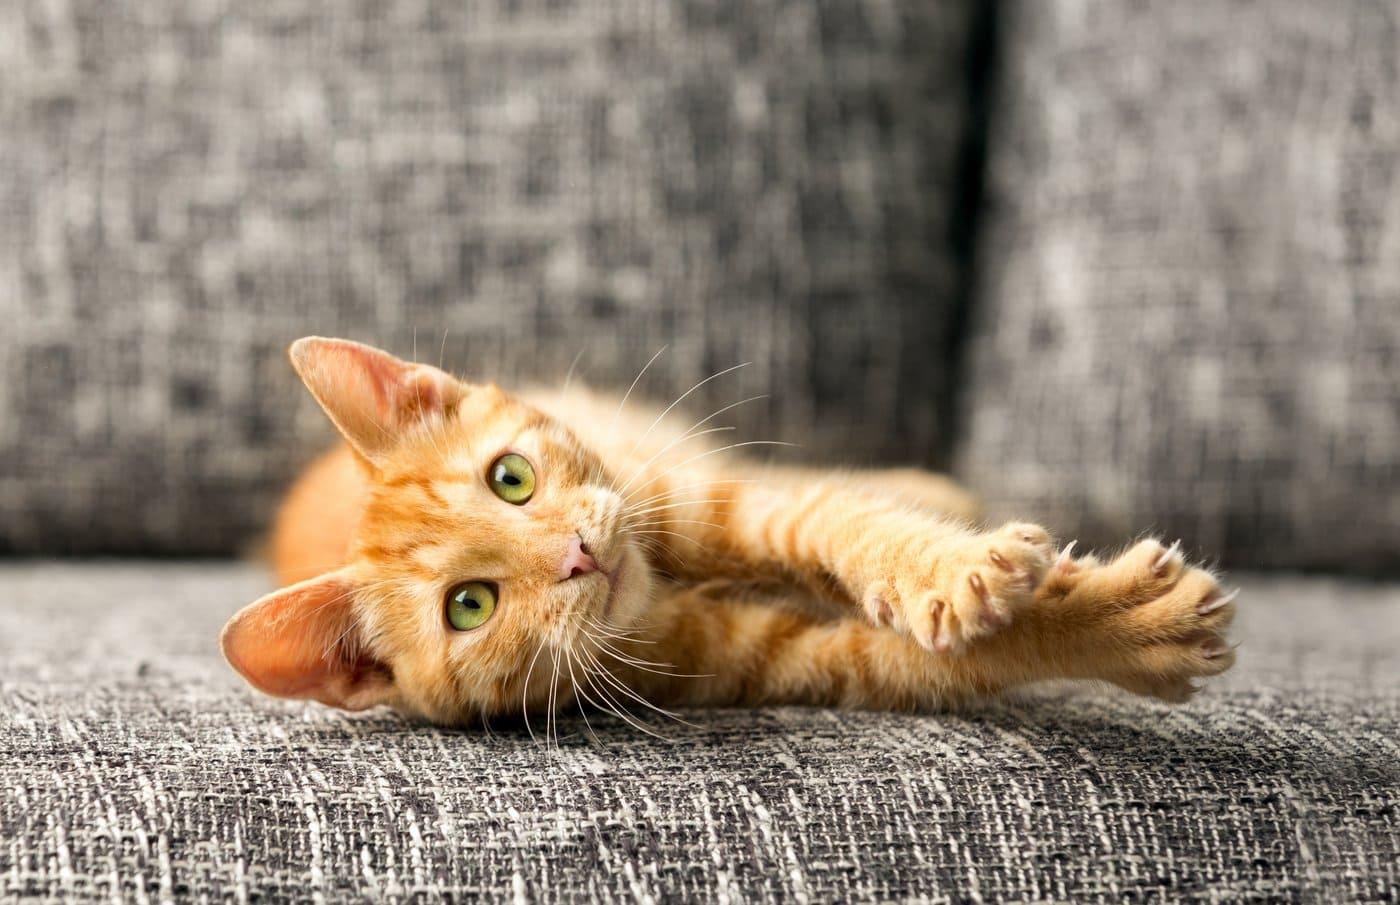 Should you de-claw a cat